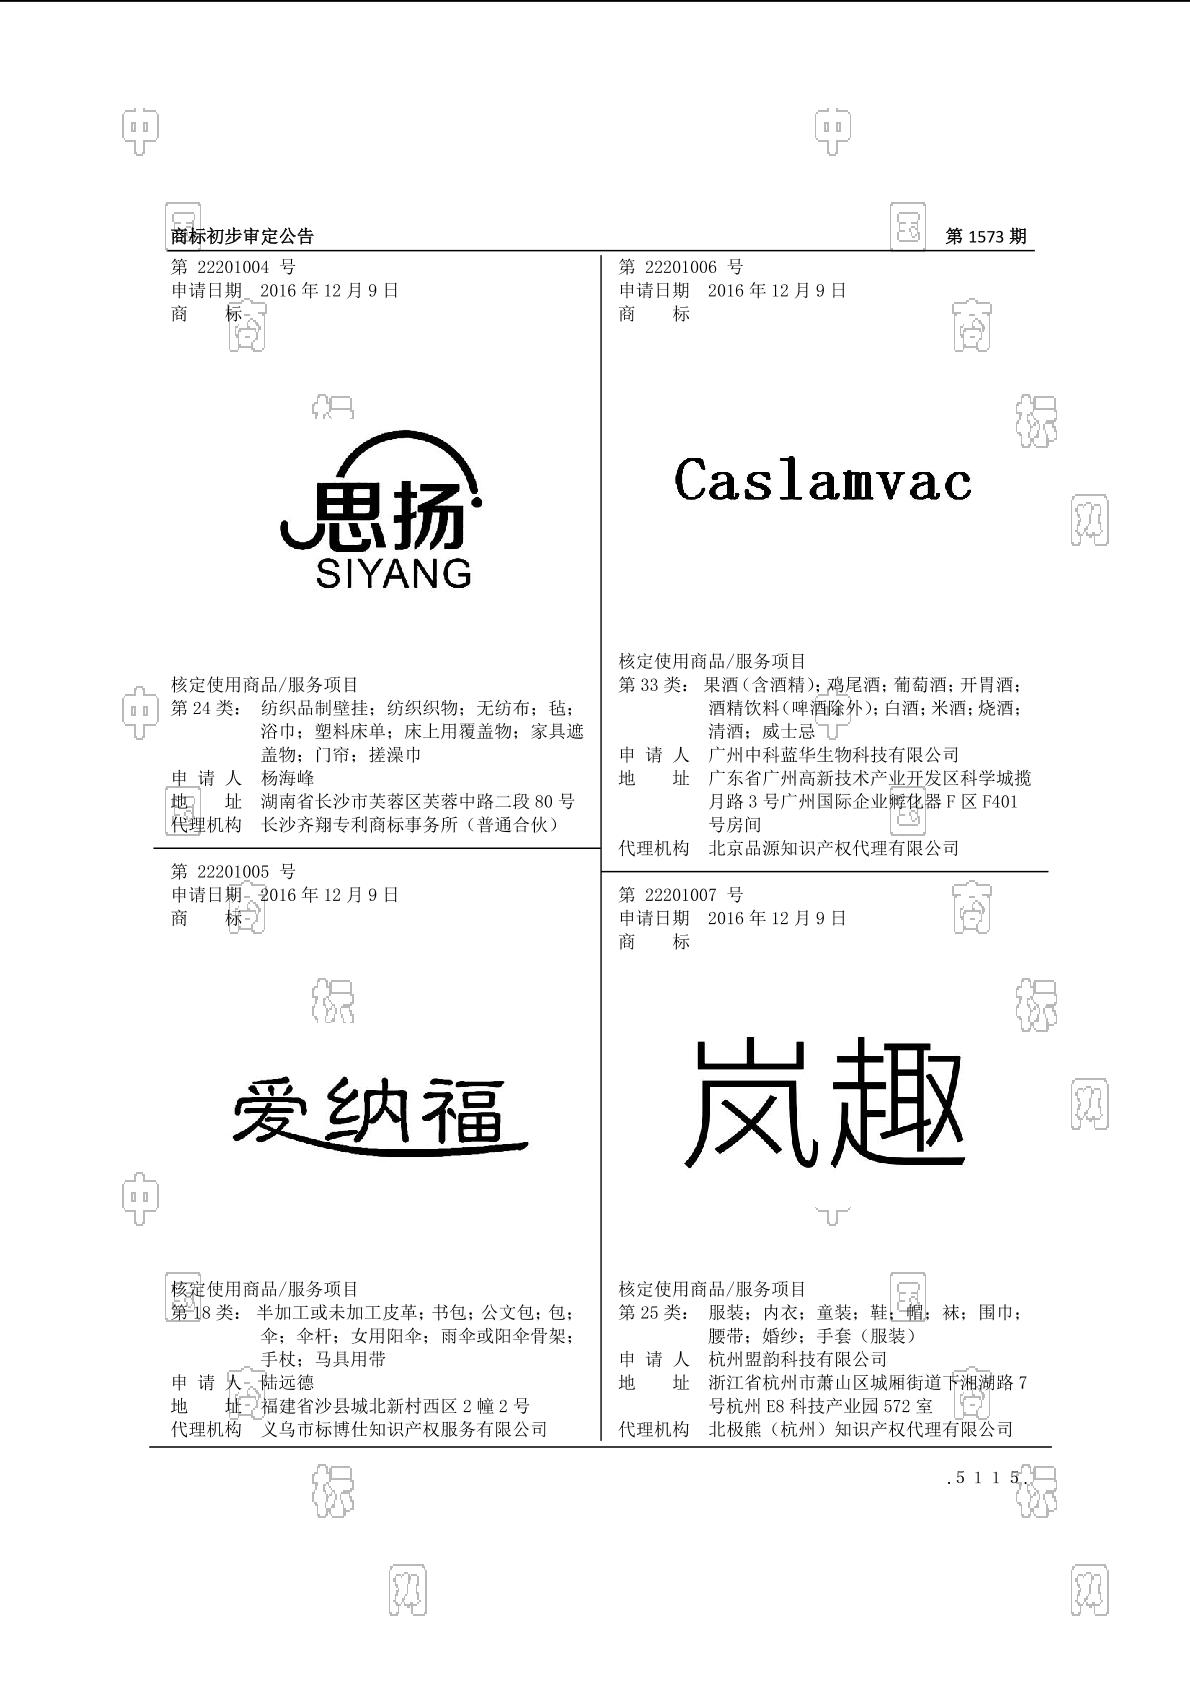 【社标网】岚趣商标状态注册号信息 杭州盟韵科技有限公司商标信息-商标查询